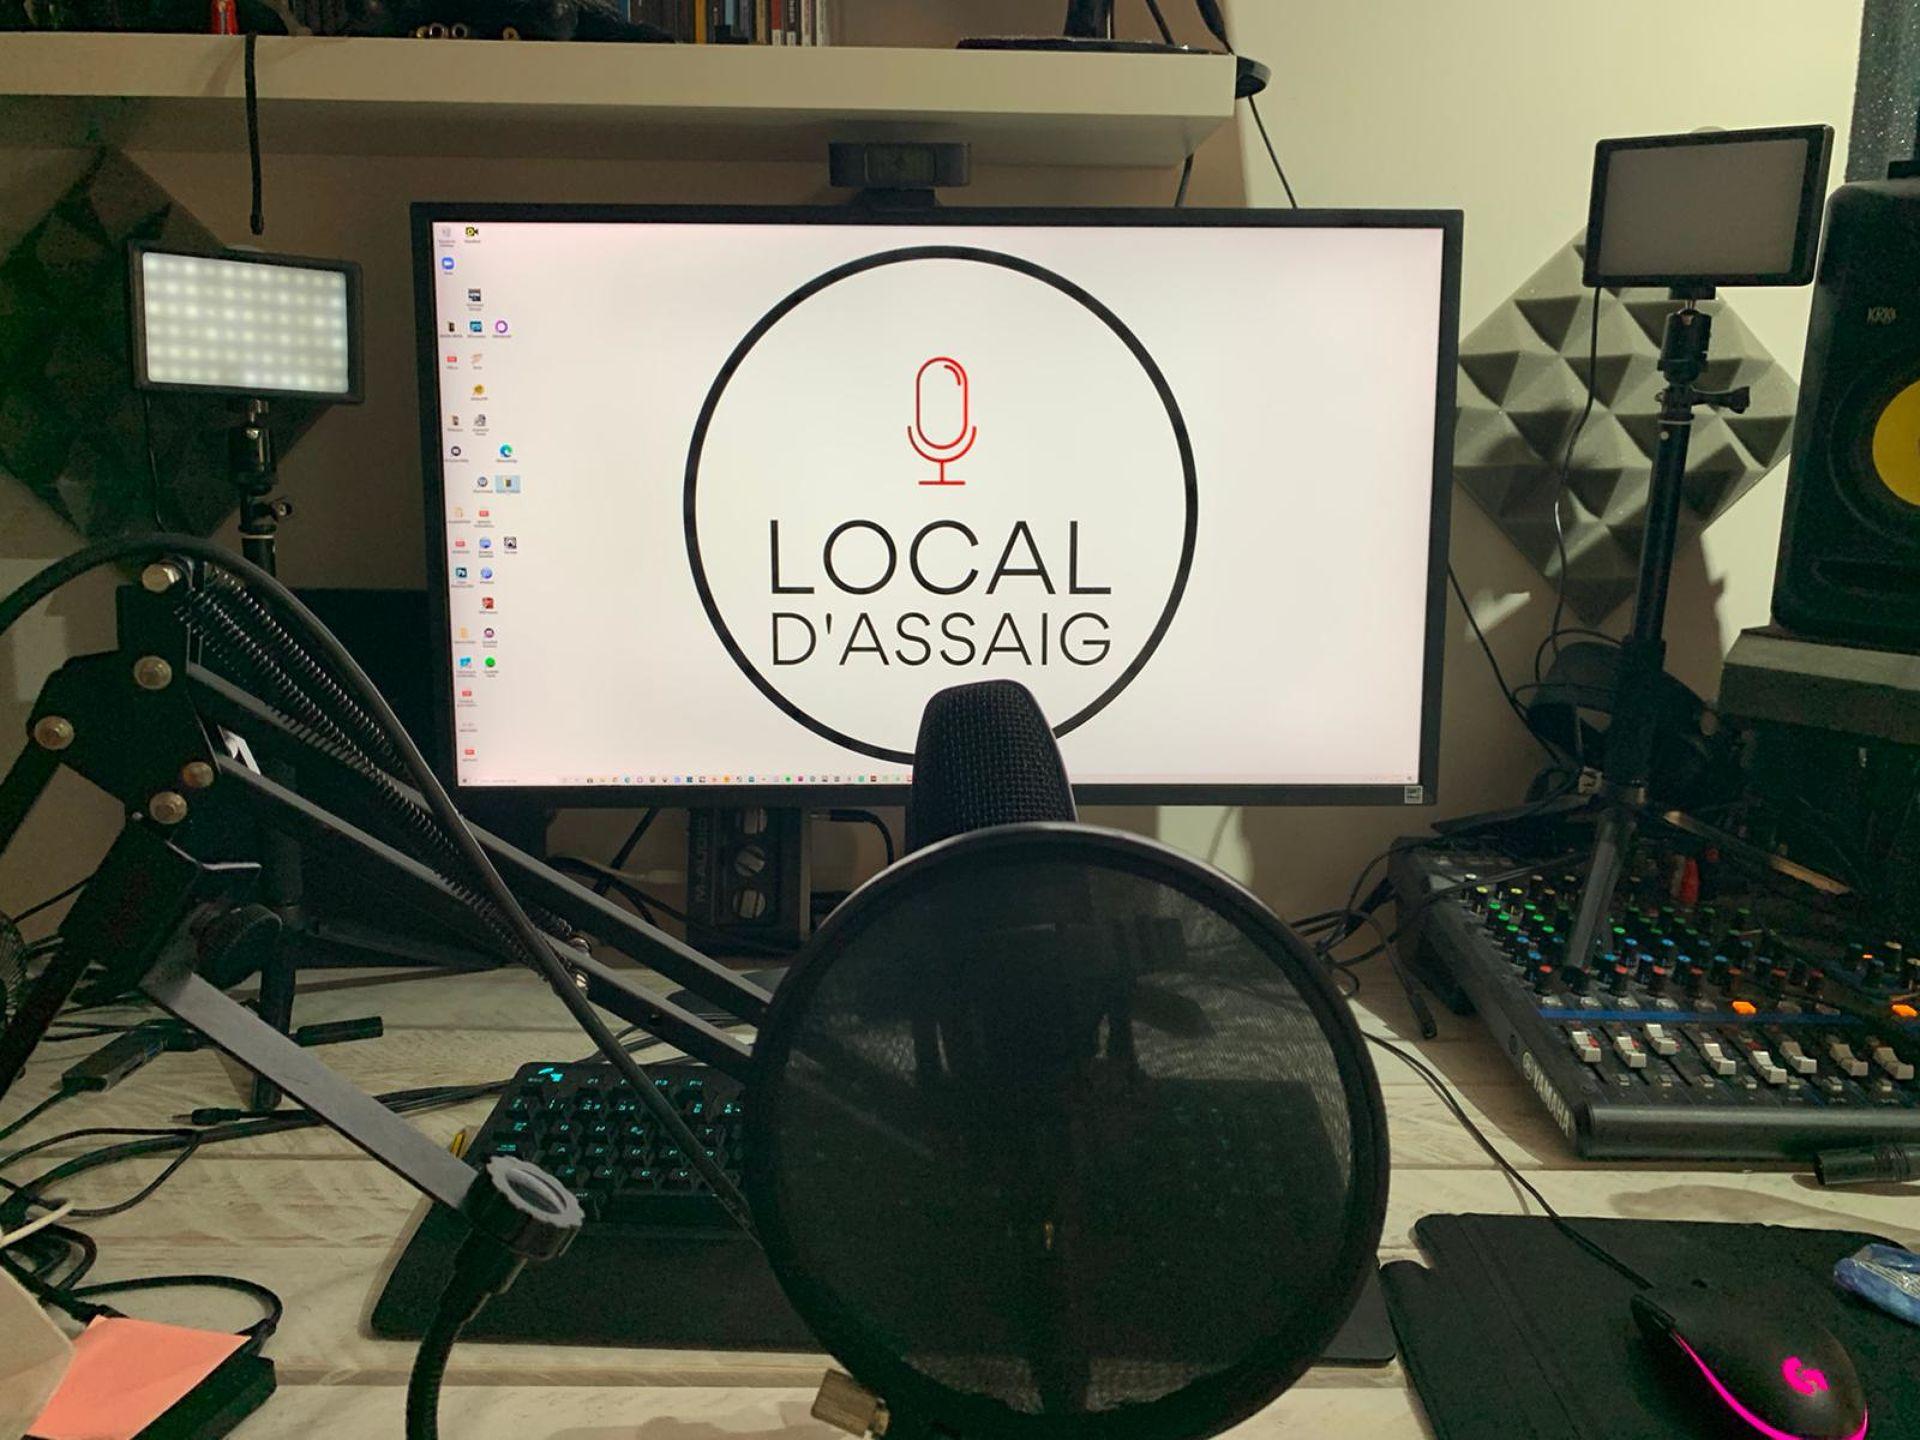 Us presentem Local d'Assaig, un nou podcast de descobriments i divulgació musical